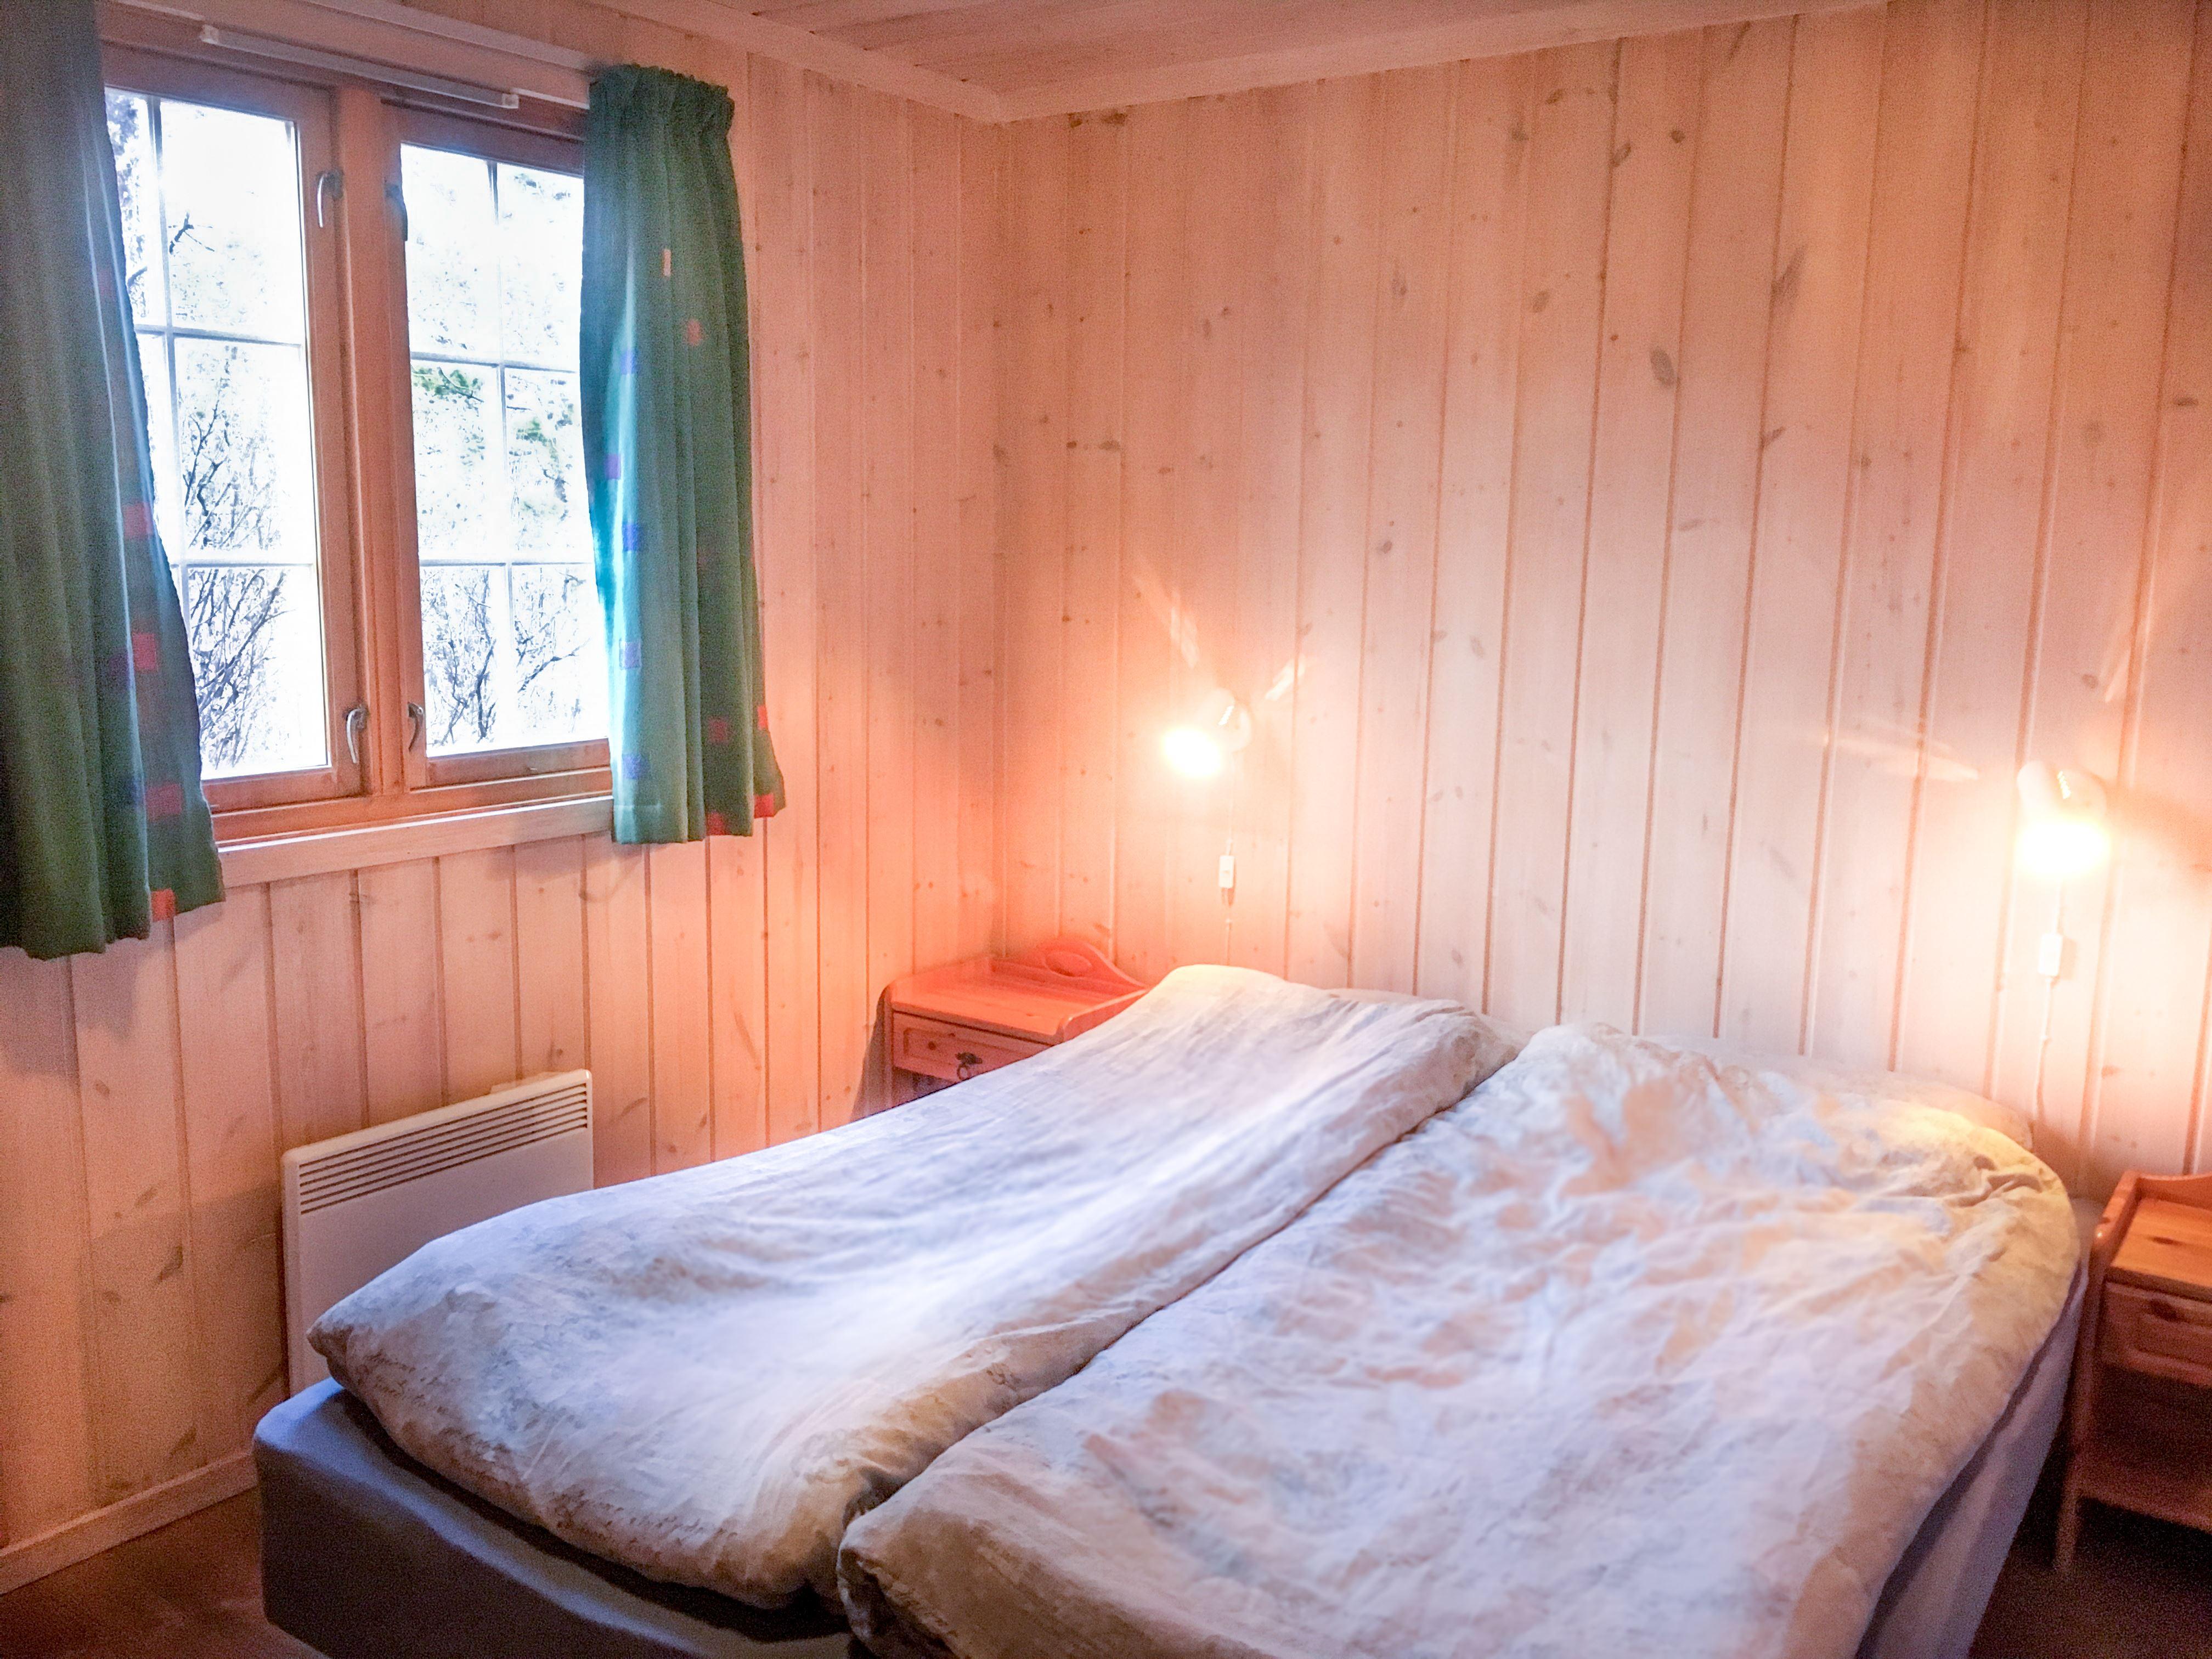 Geilolia Hyttetun 6 sengshytter (3 soverom)